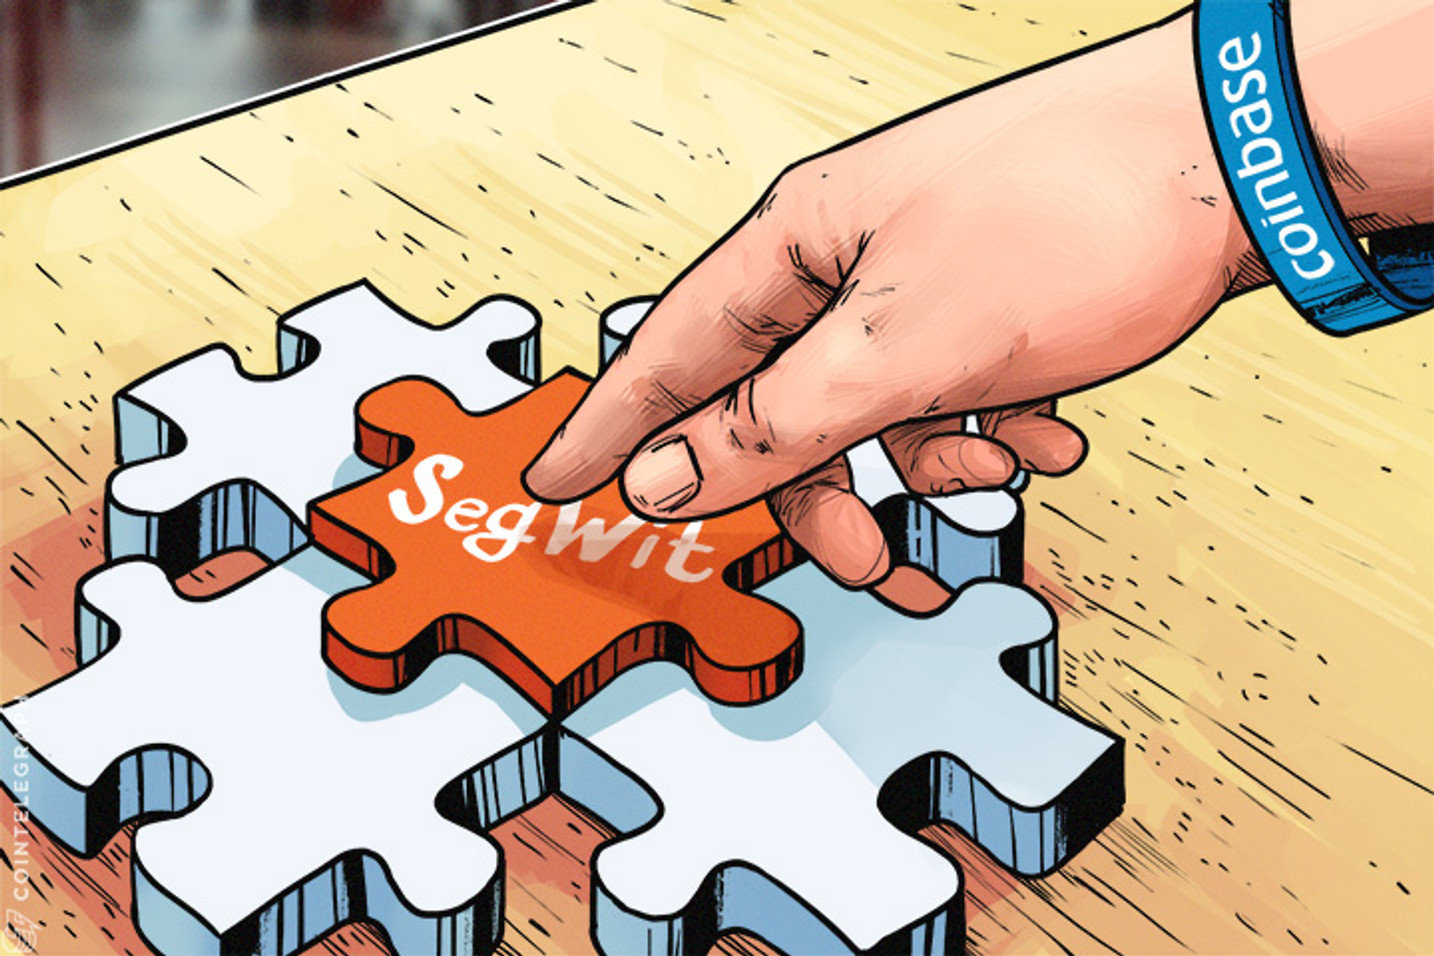 Coinbase revela la integración de SegWit, desarrolladores ya están trabajando en la infraestructura de Bitcoin